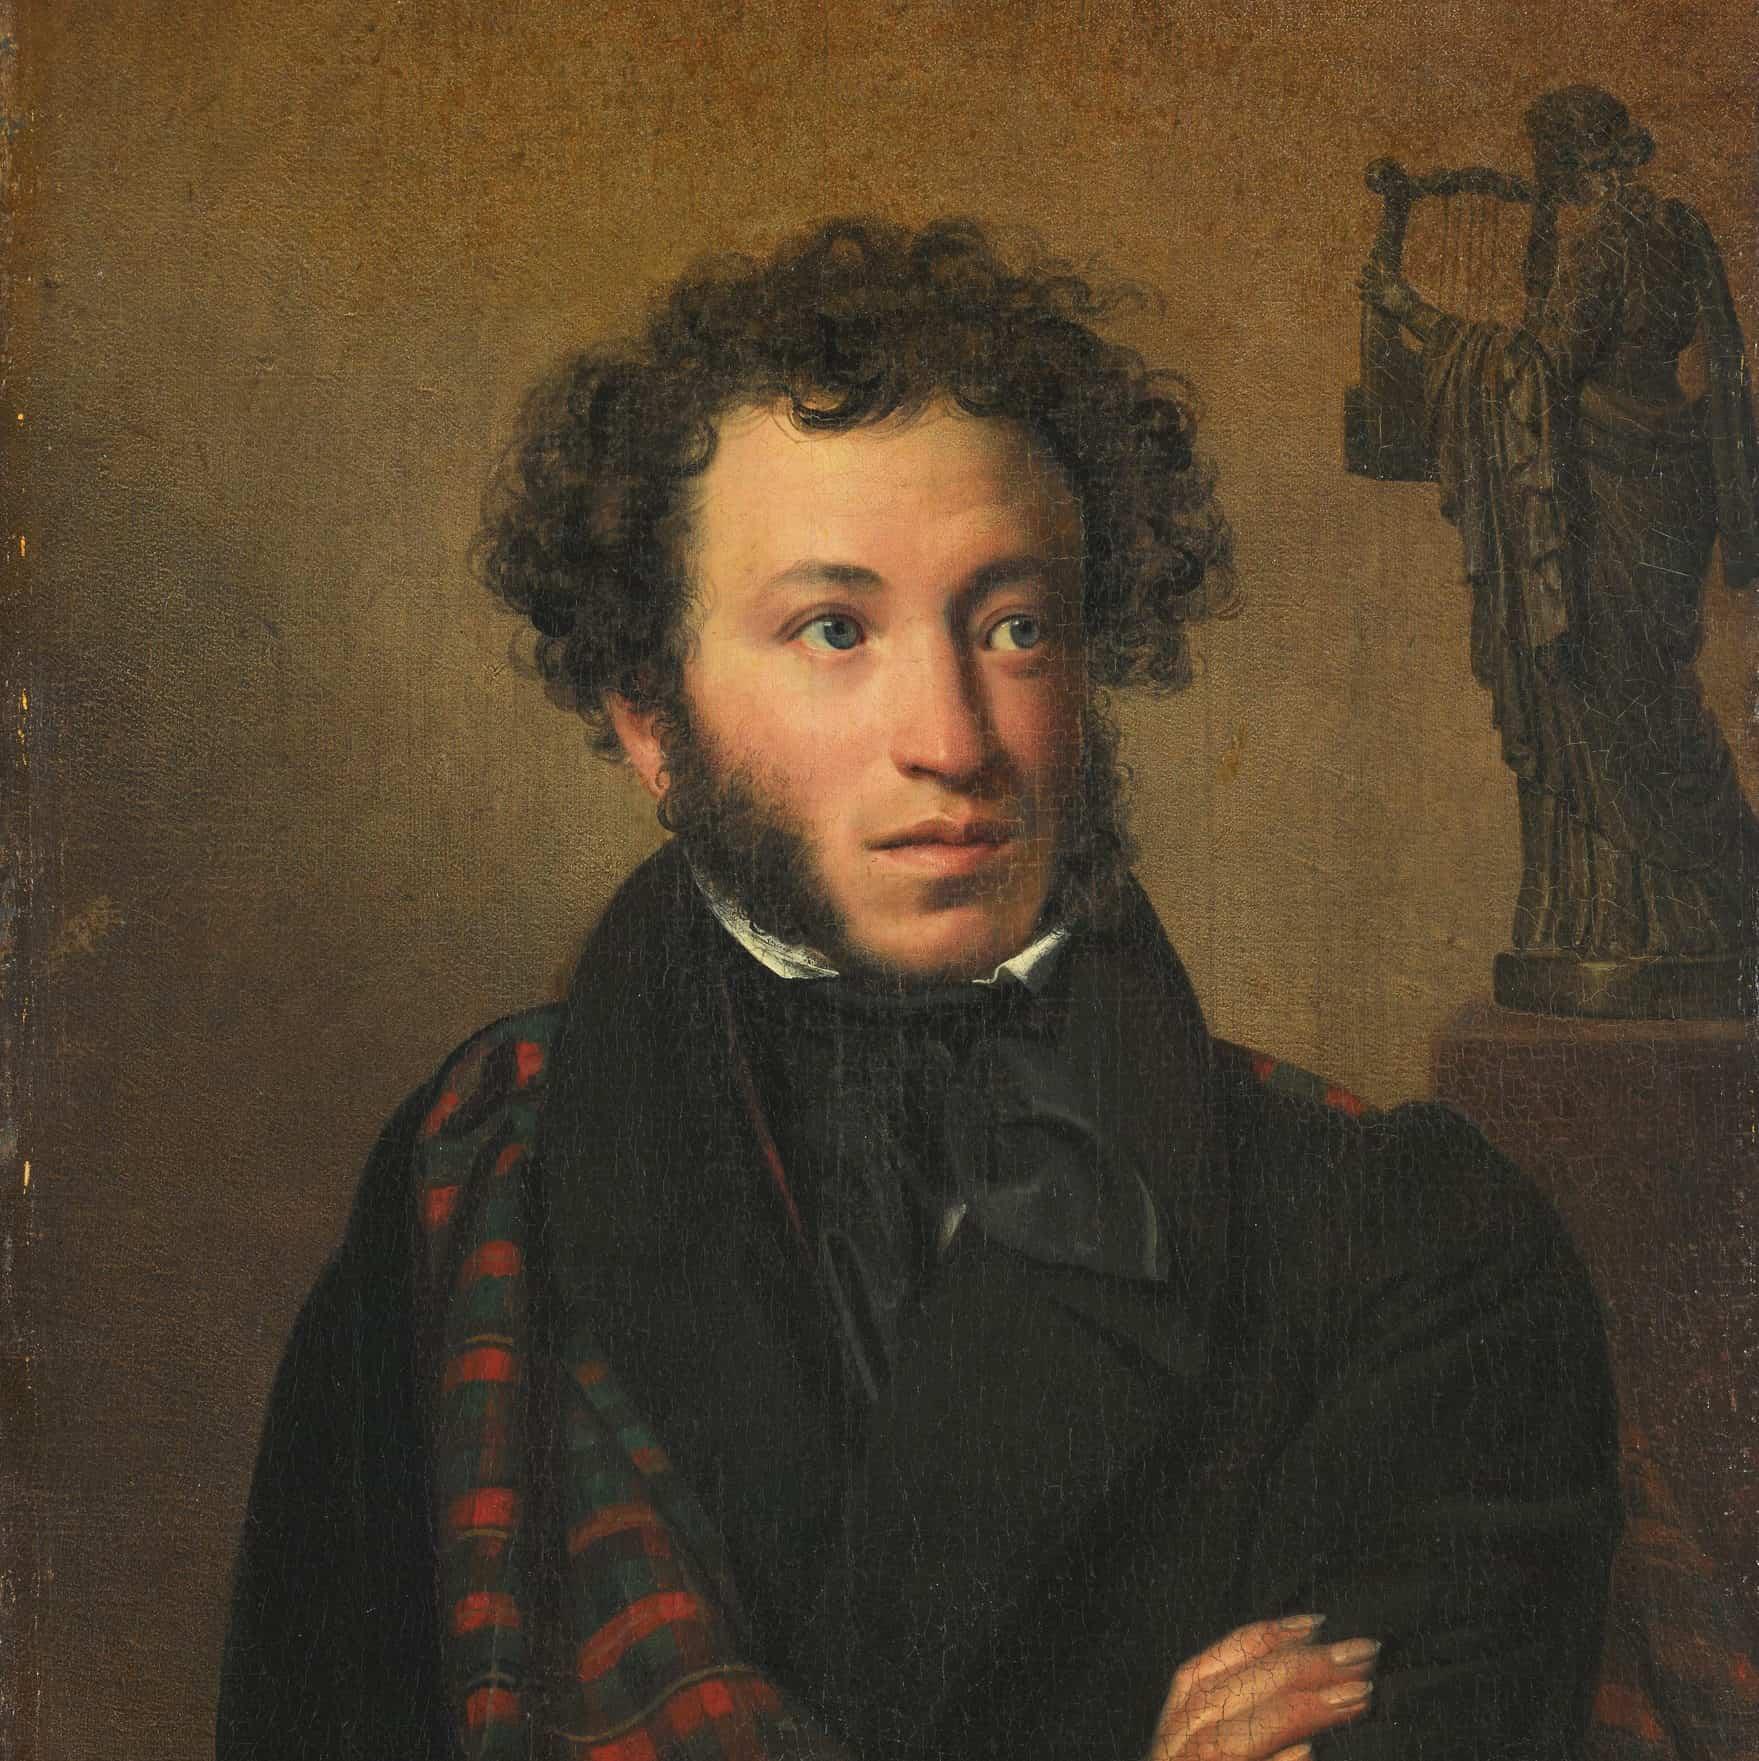 Alexander Sergejewitsch Puschkin